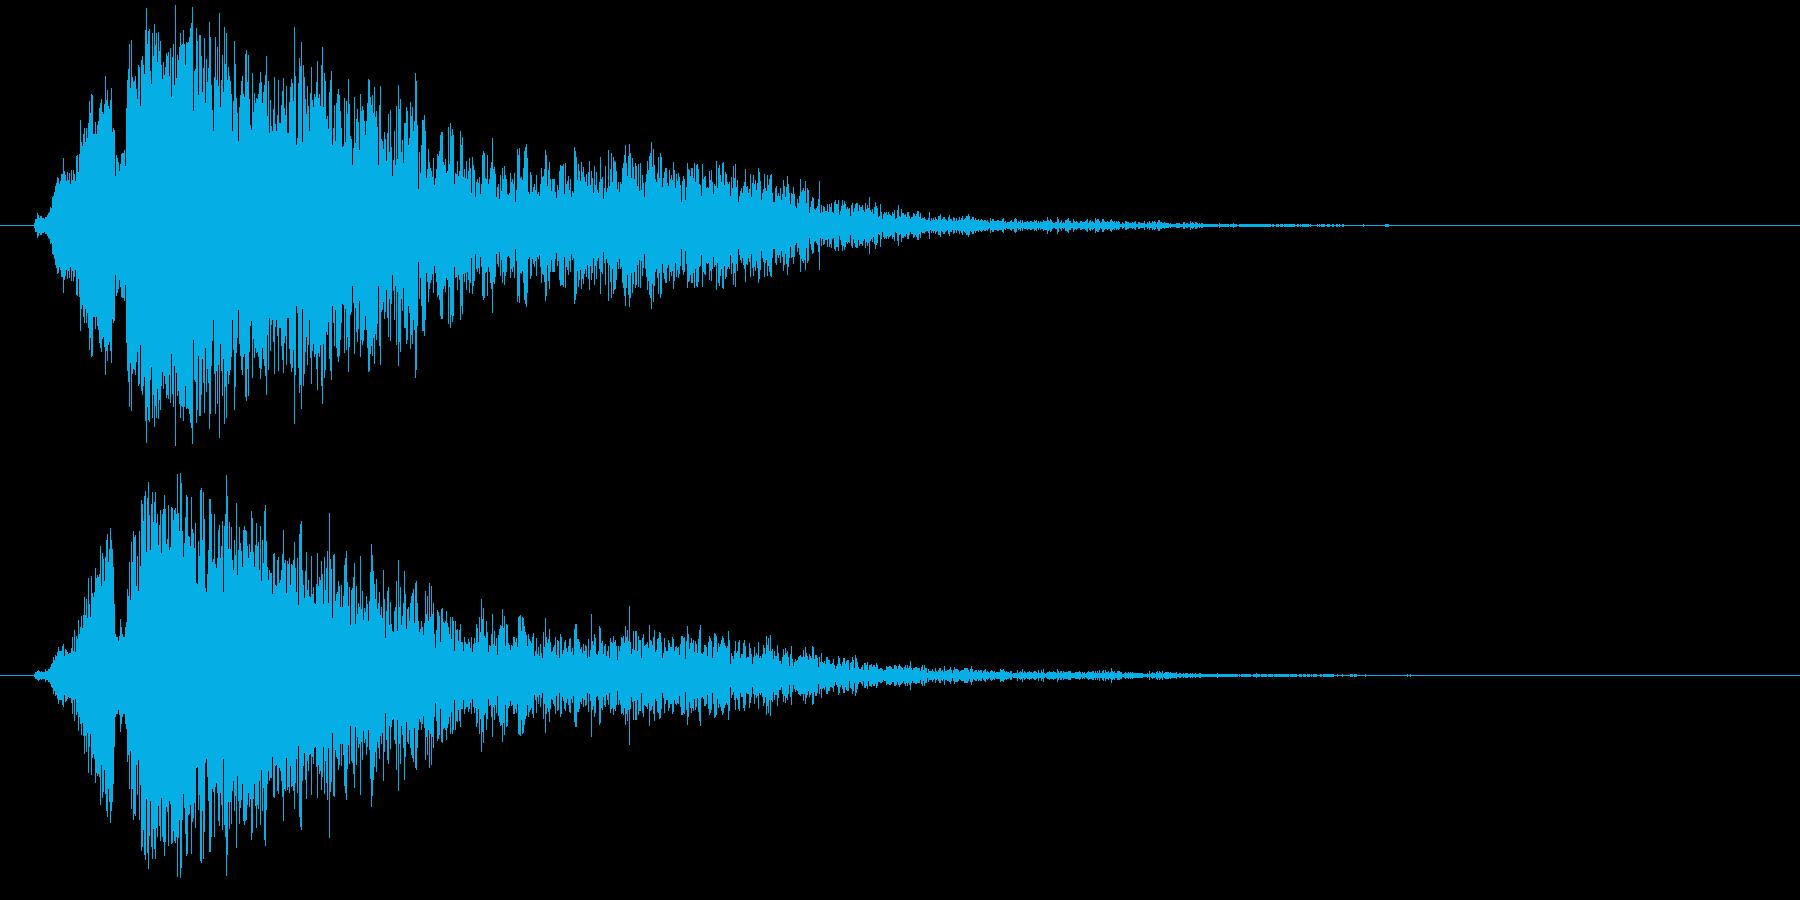 爆弾爆発タイプ2の再生済みの波形